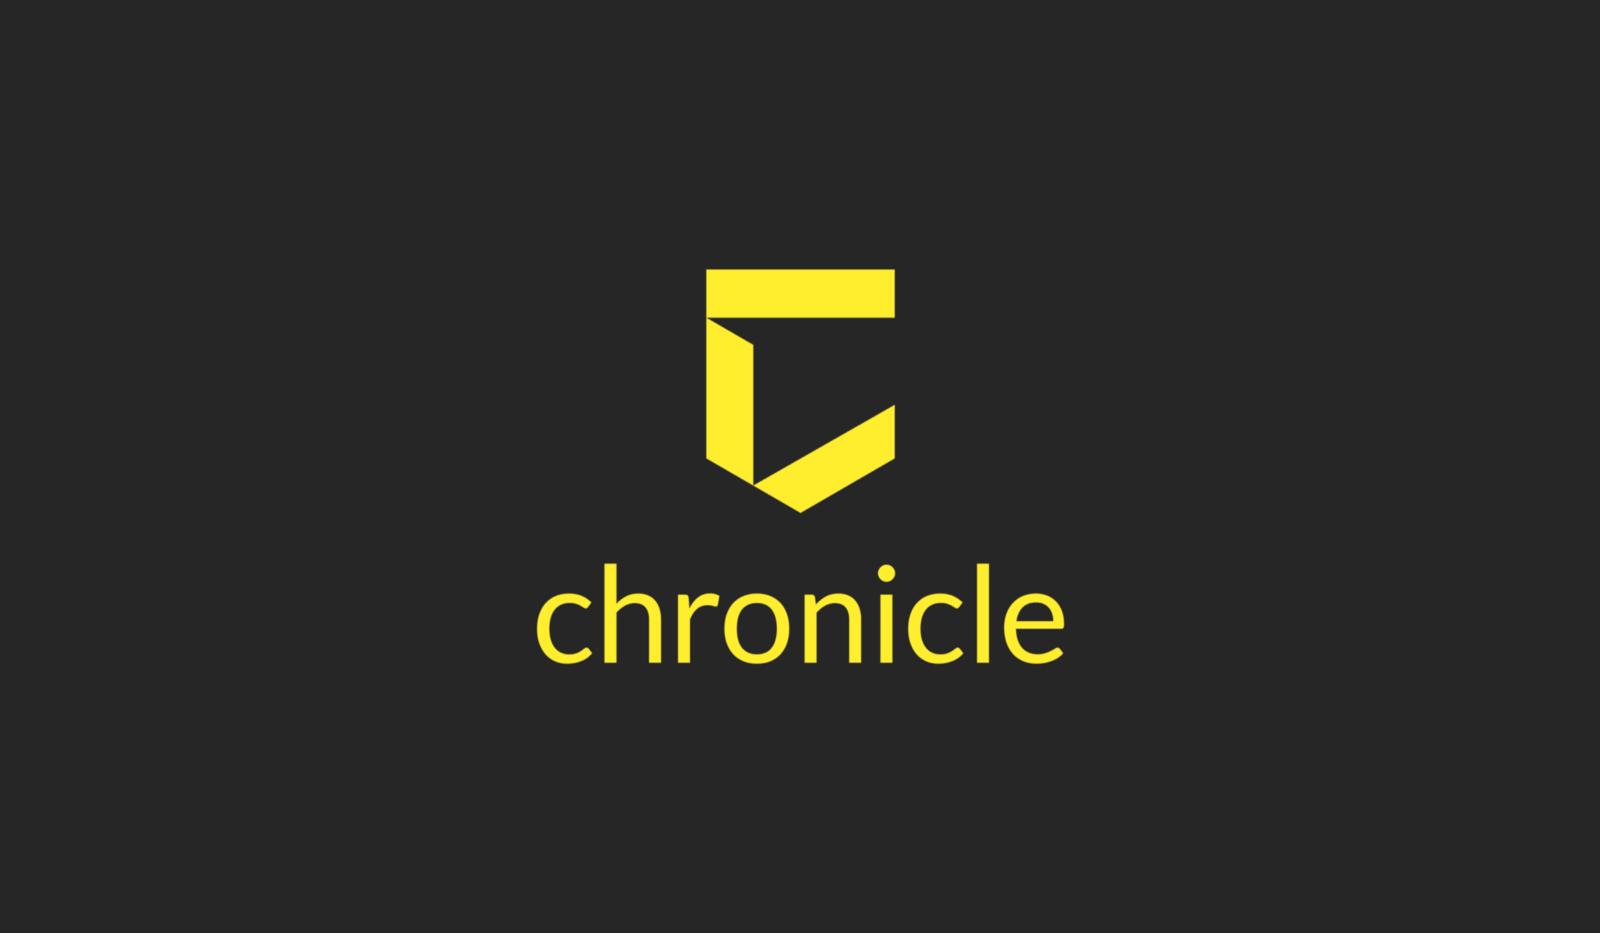 Avec Chronicle, la maison-mère de Google se lance dans la cybersécurité